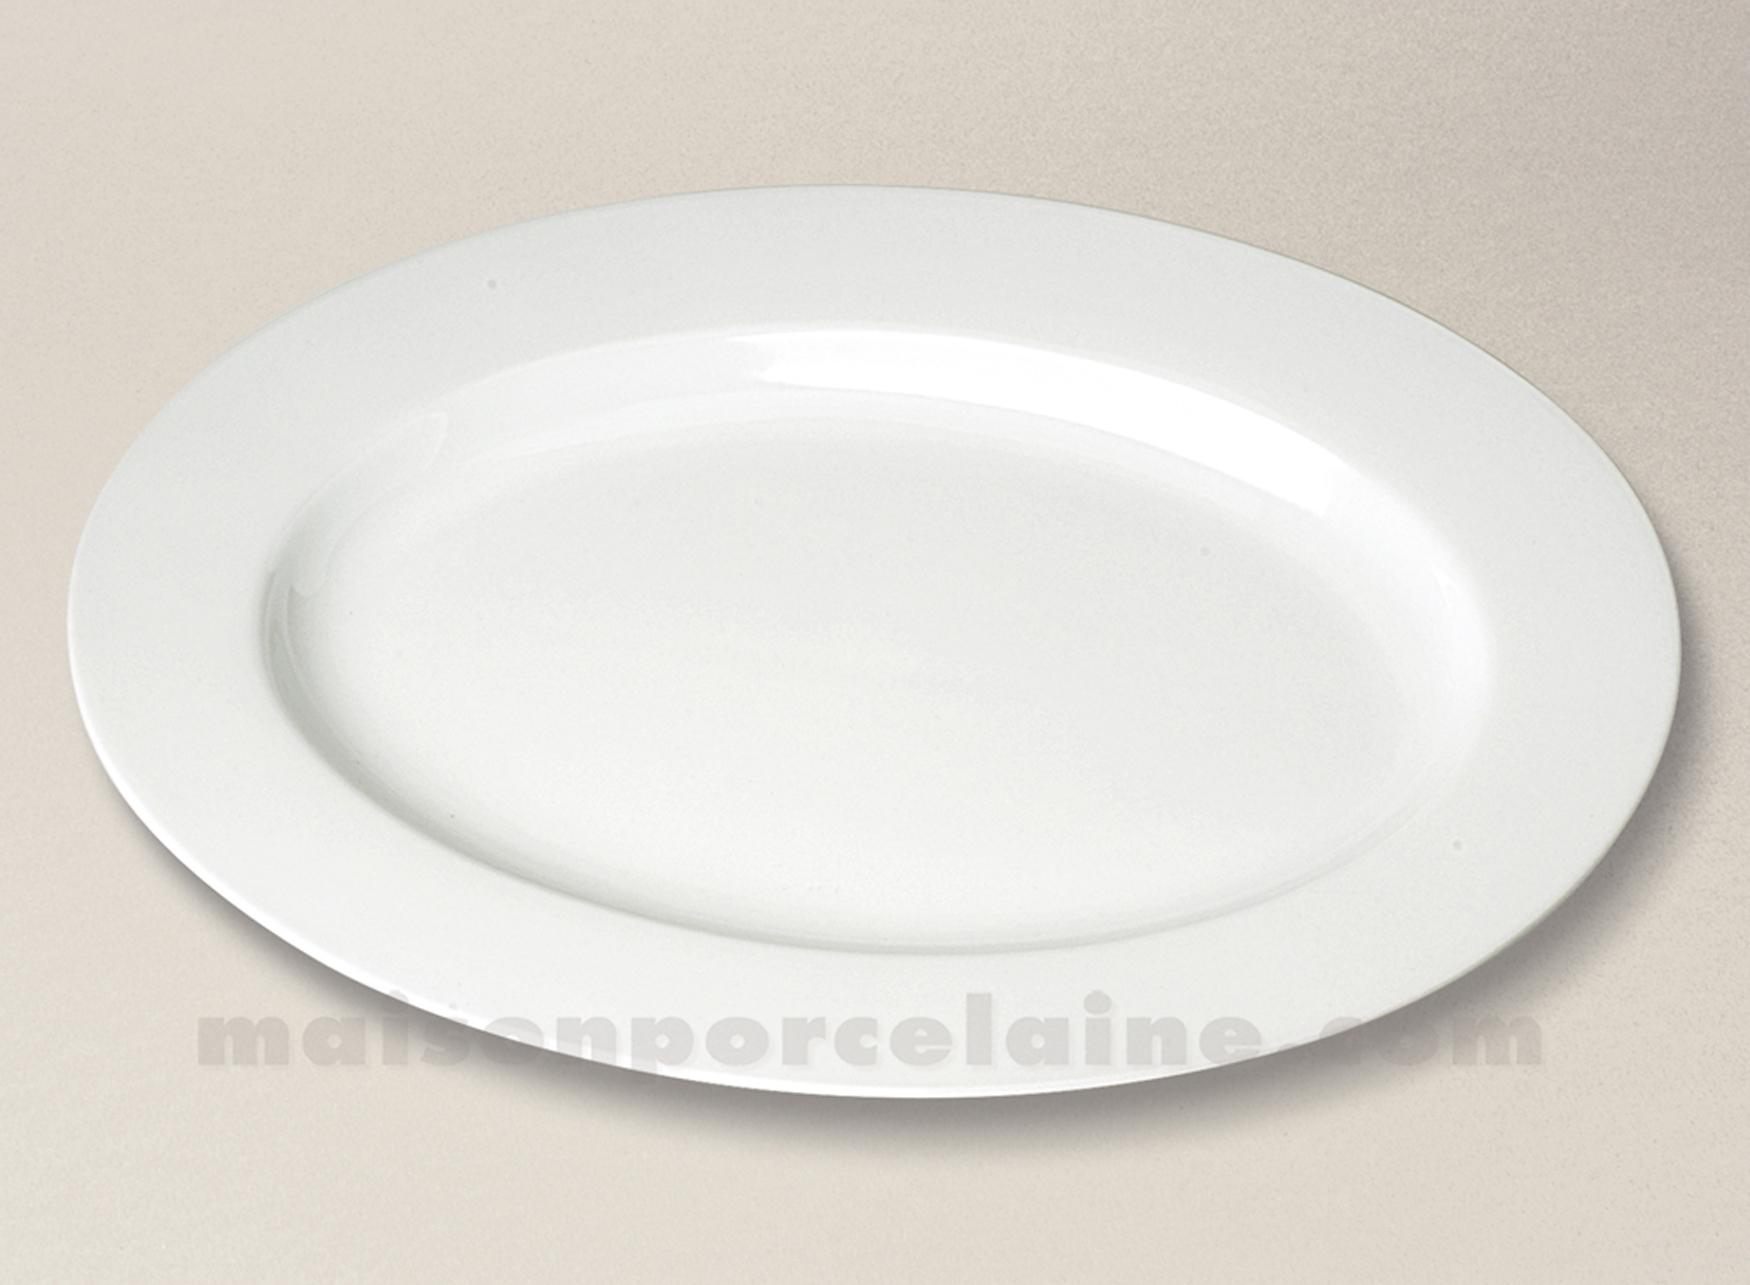 plat ovale porcelaine blanche aile sologne 39x28 maison de la porcelaine. Black Bedroom Furniture Sets. Home Design Ideas